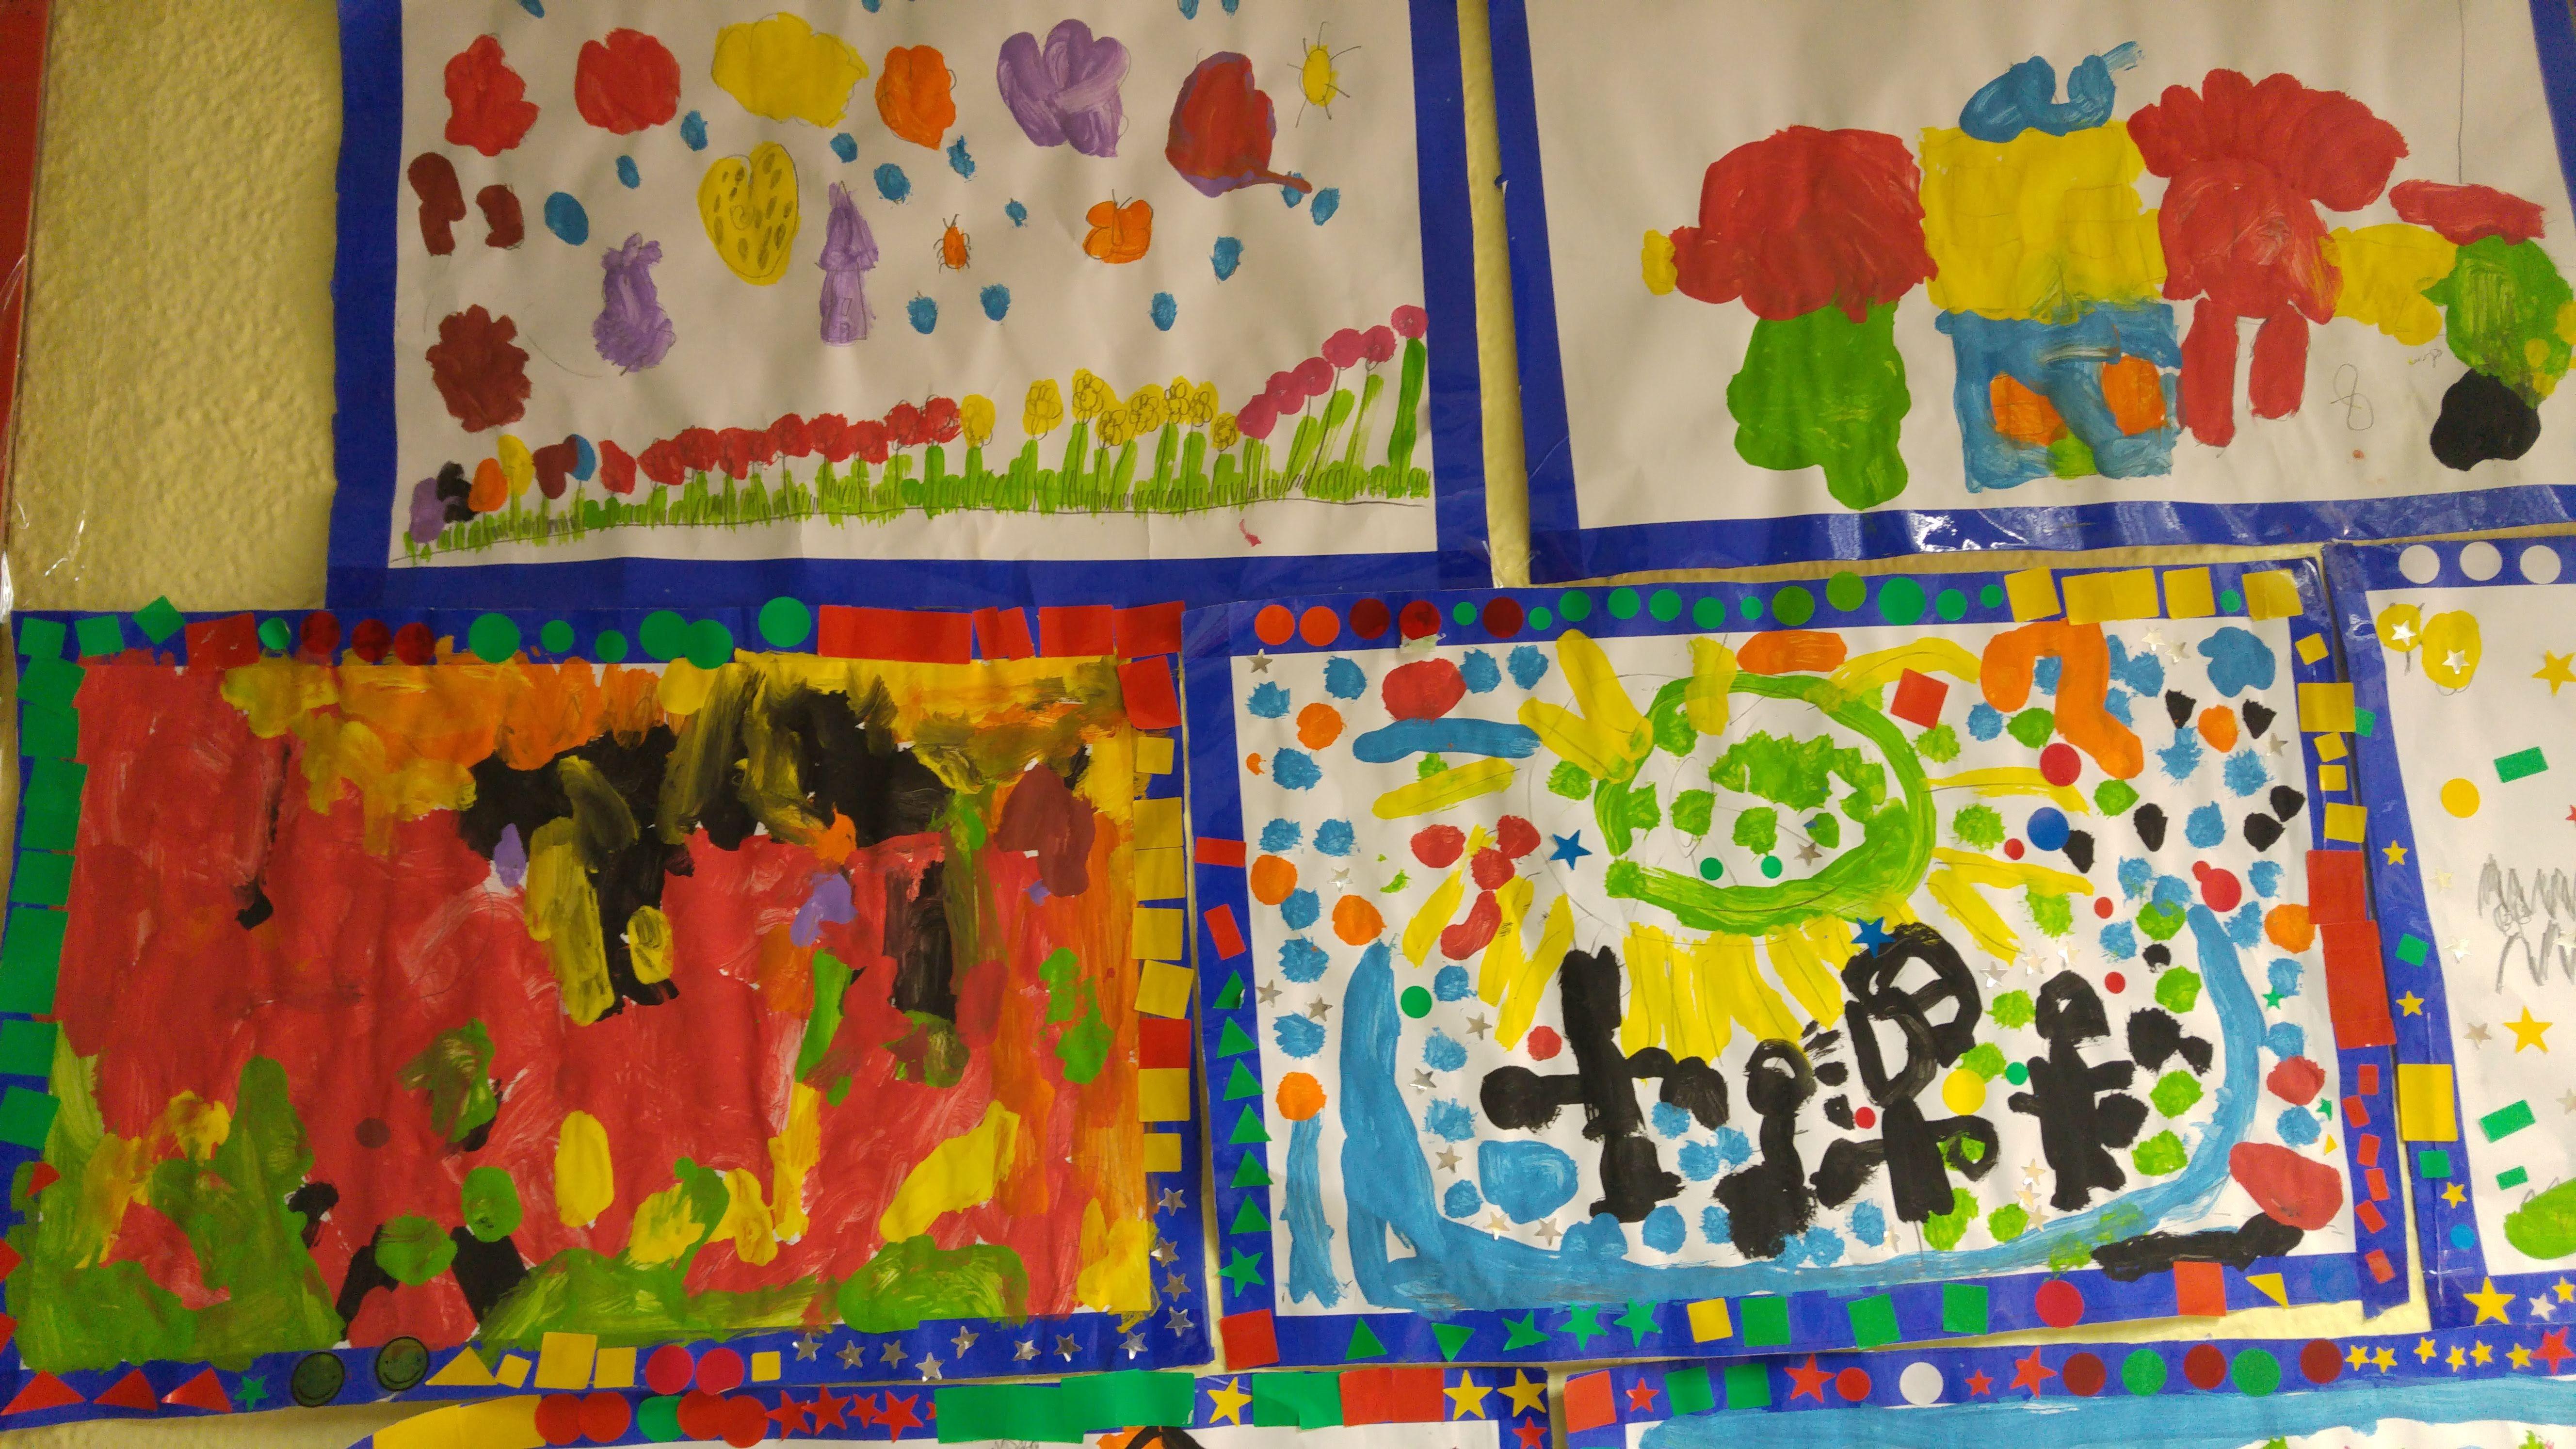 TALLER DE PINTURA CREATIVA ED. INFANTIL 6